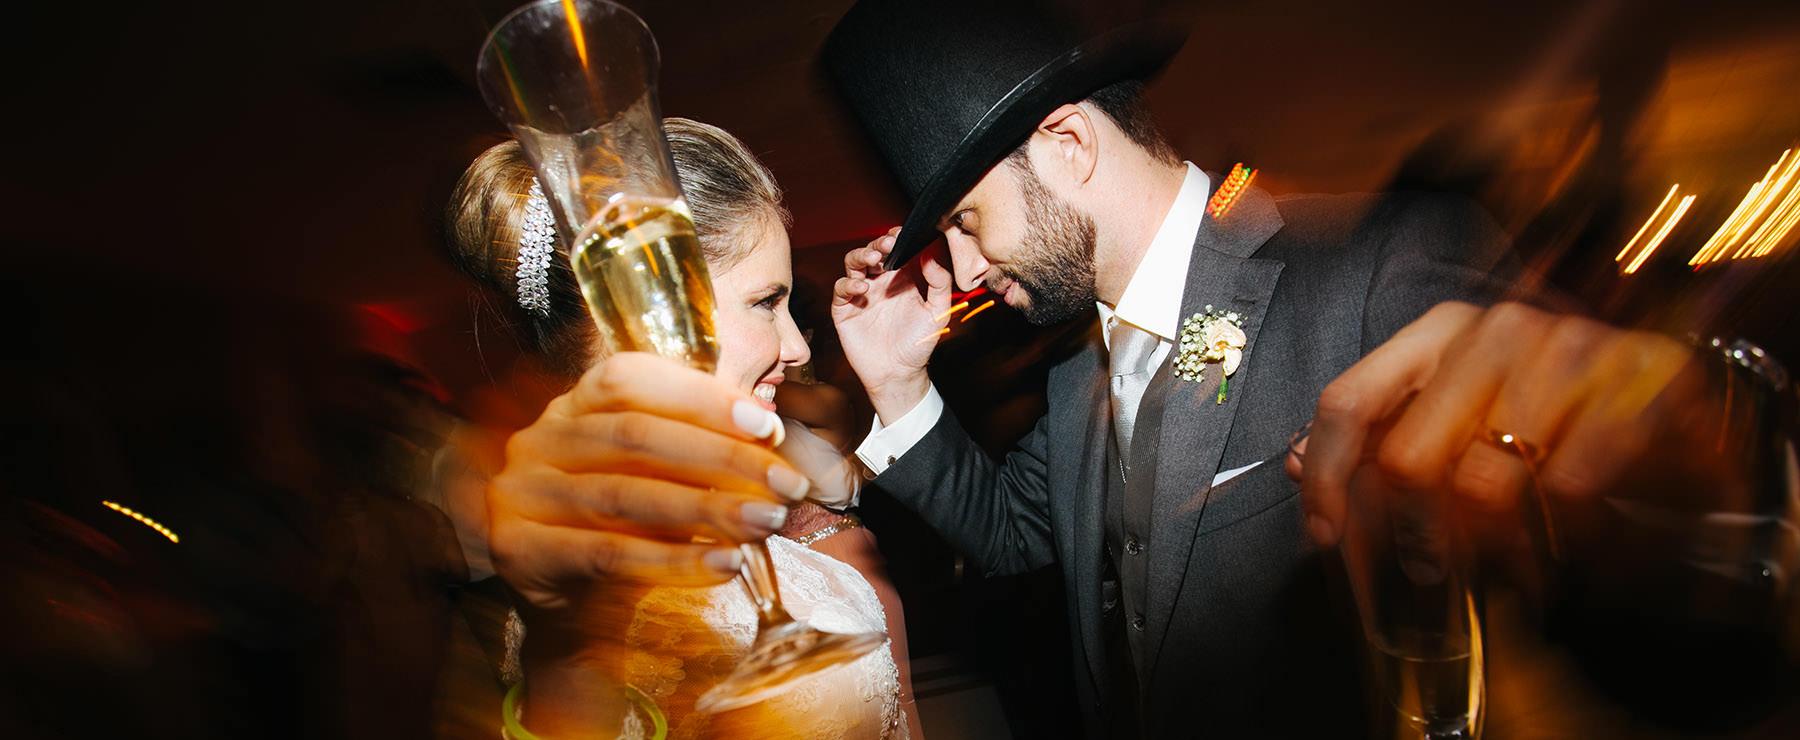 Anderson & Priscila - Casamento em Florianópolis